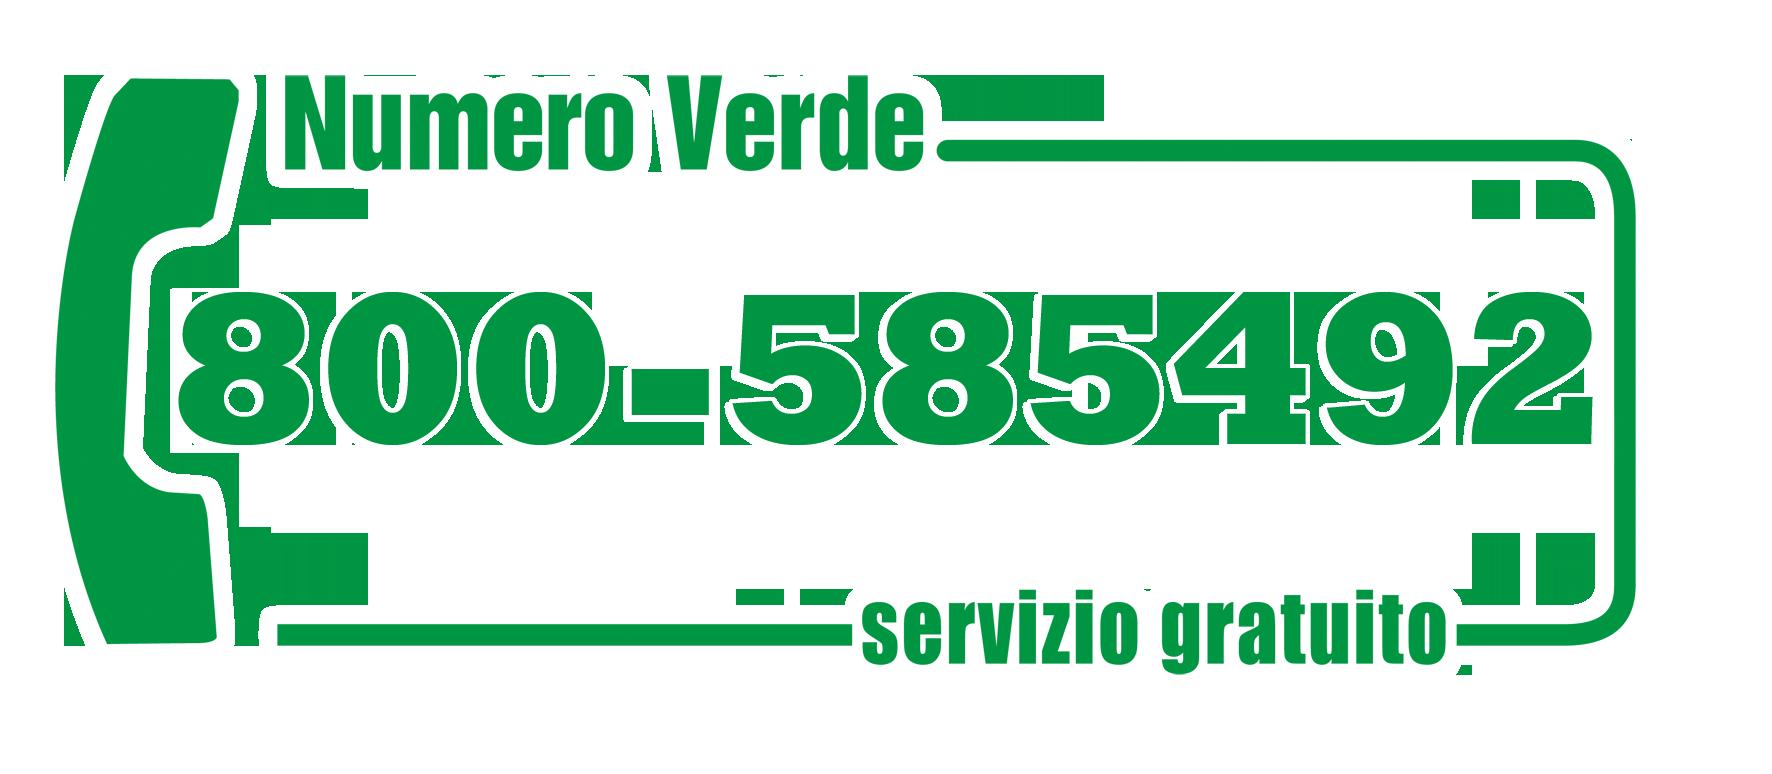 Assistenza Lg Numero Verde.Assistenza E Riparazione Elettrodomestici Lg A Domicilio